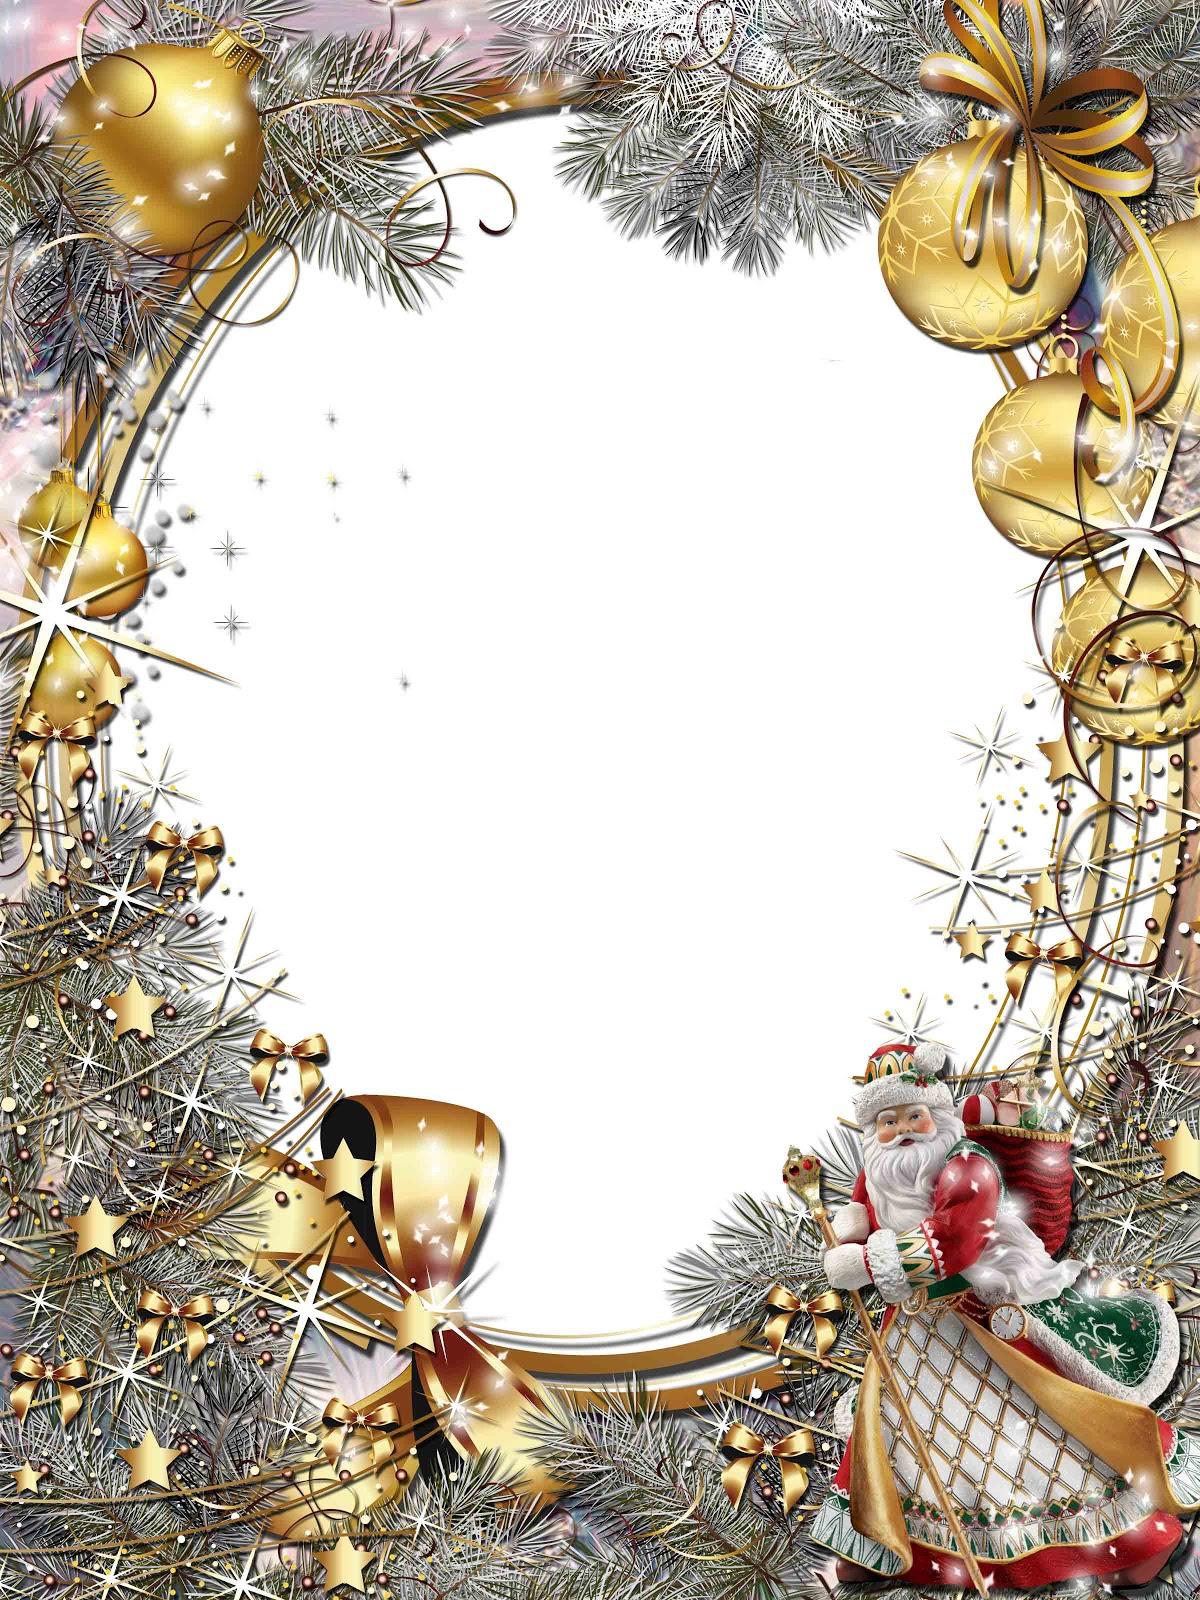 Christmas png frame - frame20